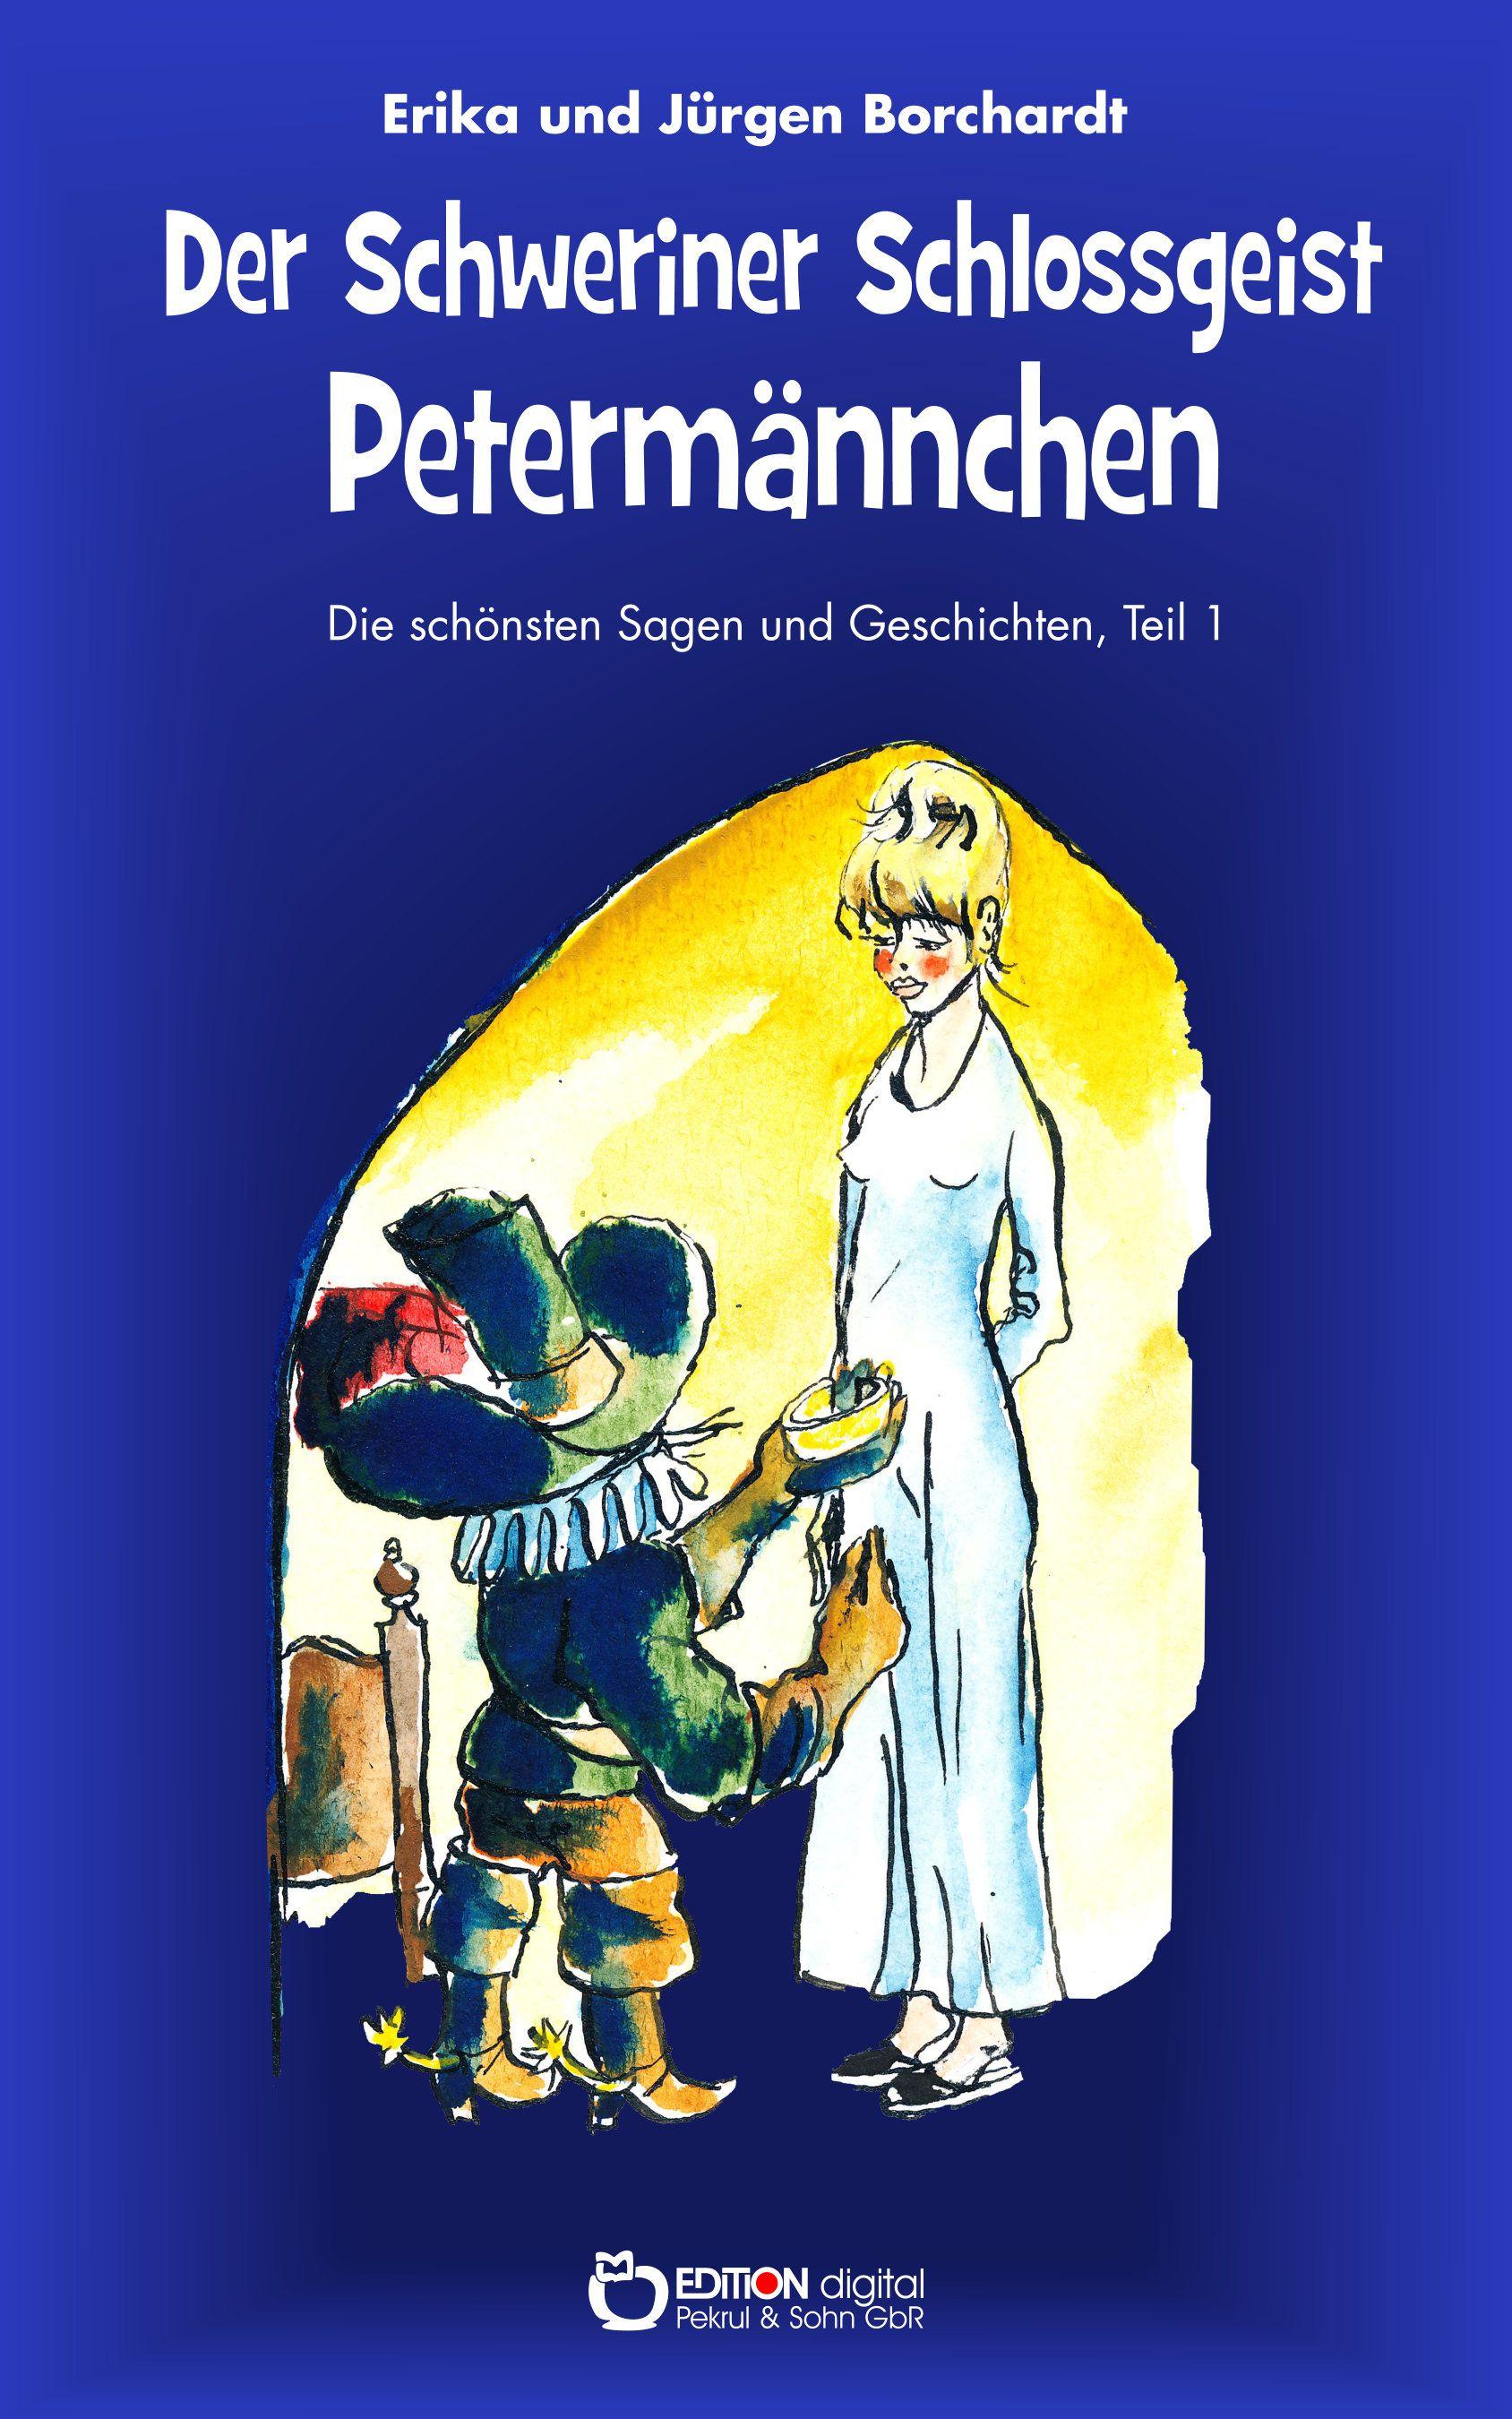 Der Schweriner Schlossgeist Petermännchen. Die schönsten Sagen und Geschichten, Teil 1 von Erika Borchardt, Jürgen Borchardt (Autor)